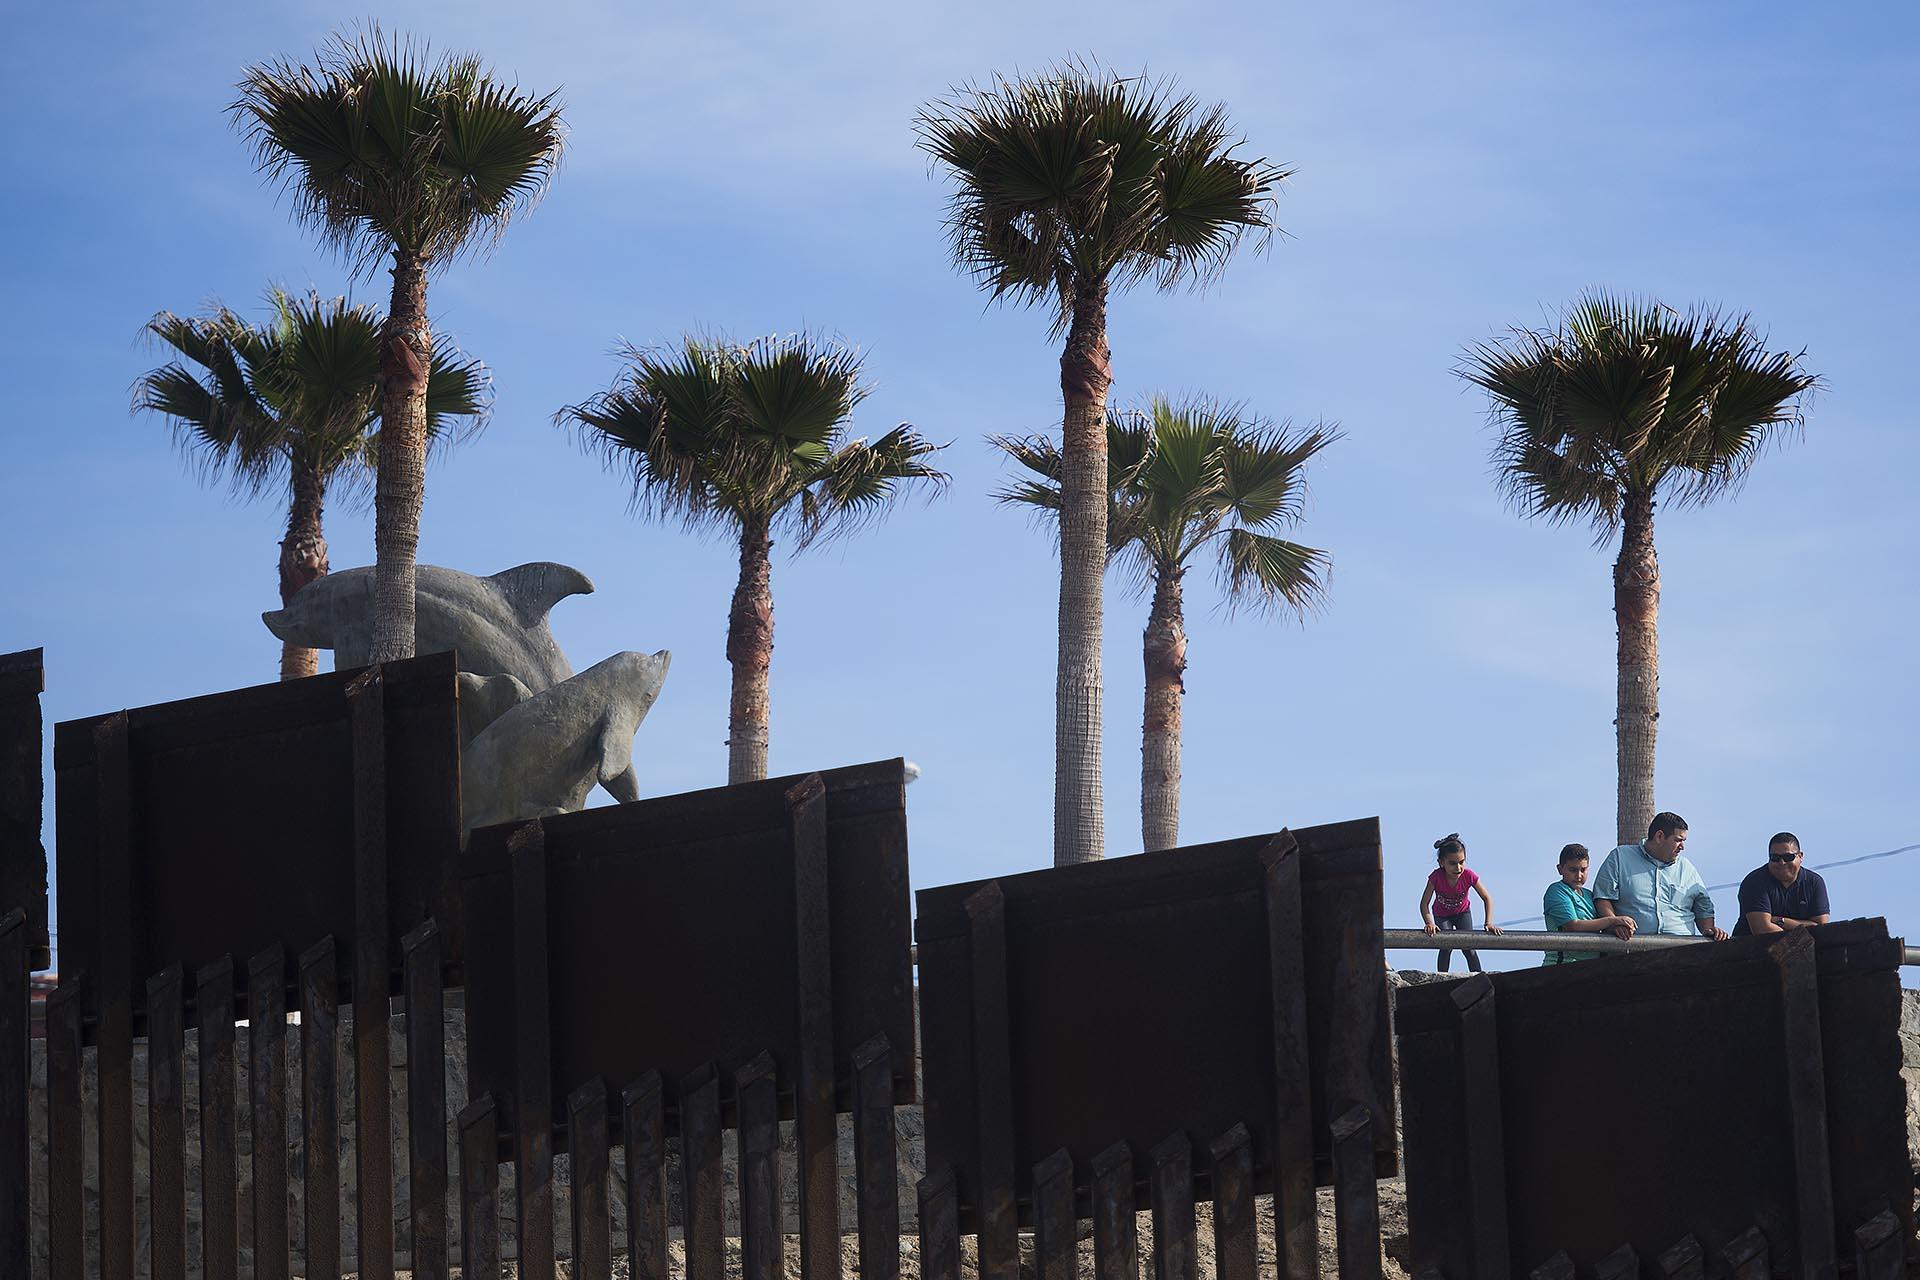 Resultado de imagen para casas en limites con estados unidos, Tijuana San Isidro